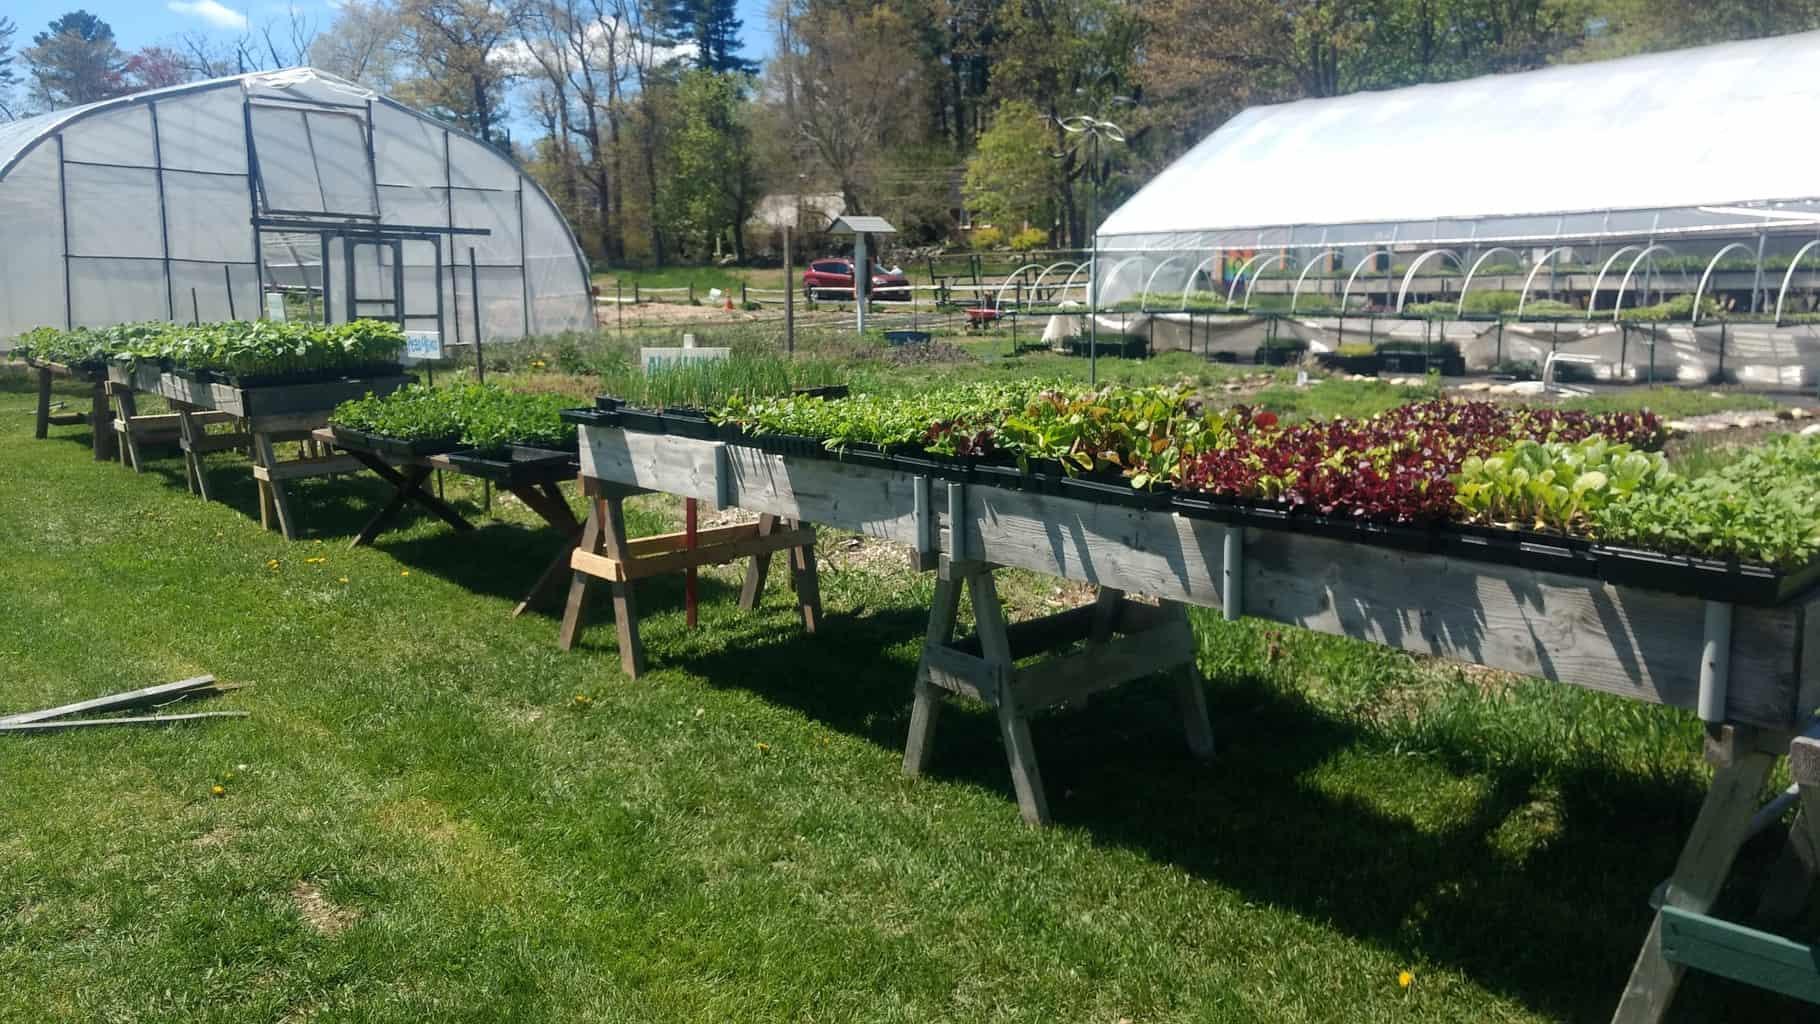 Seedling Sale Trays Outside